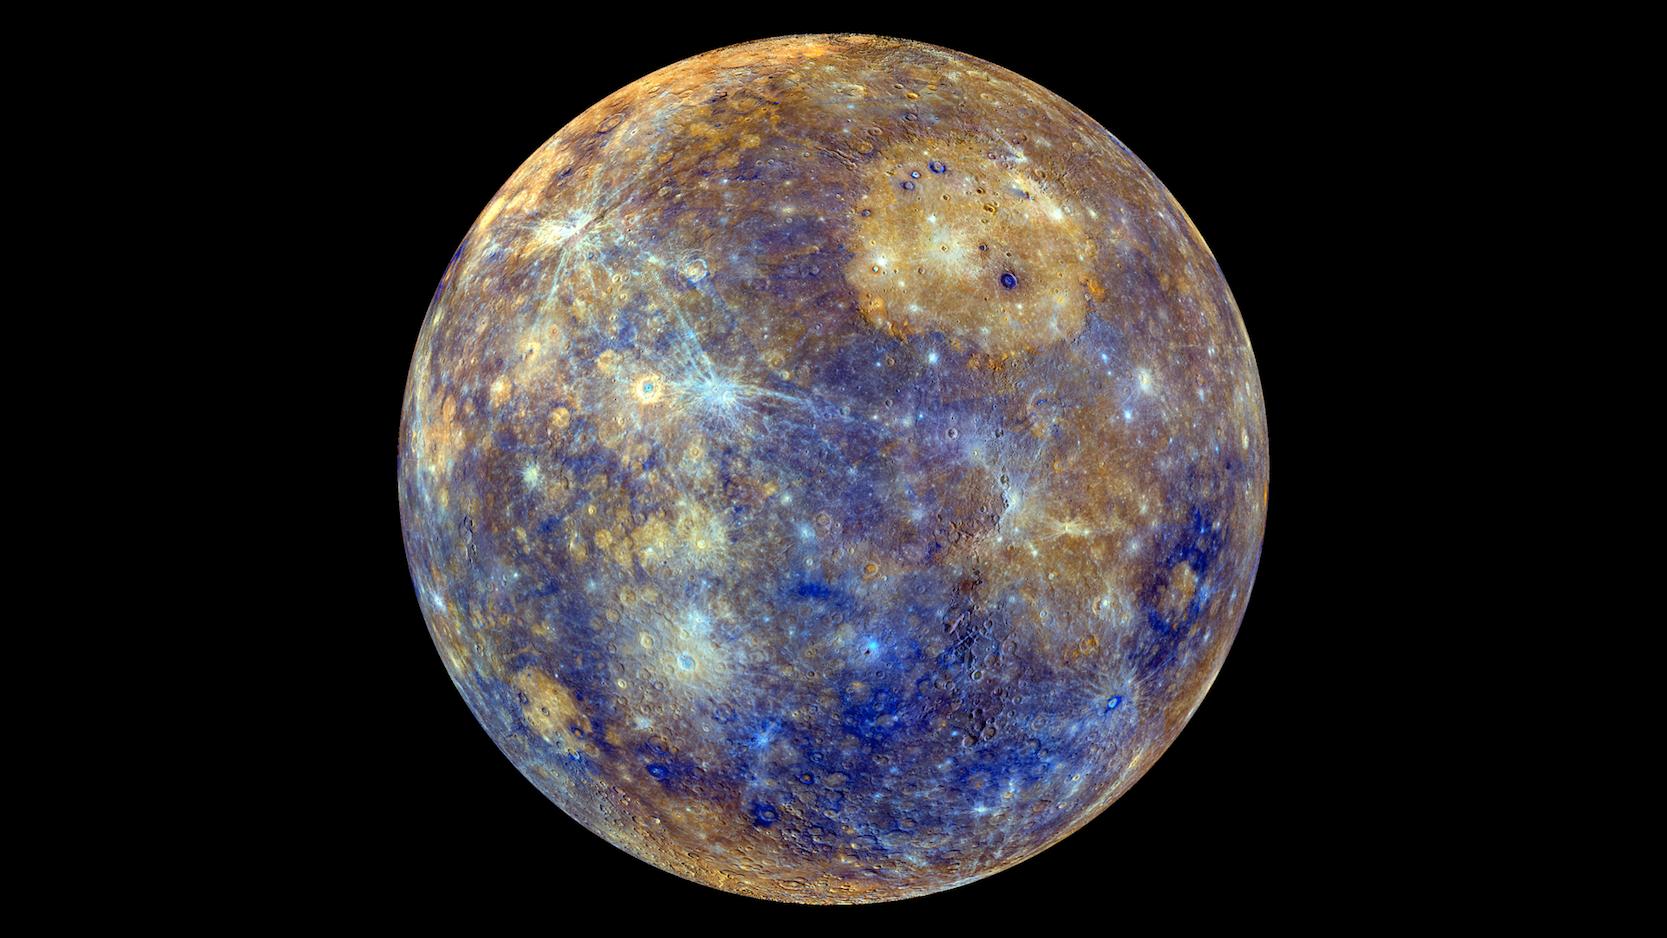 Darstellung der Oberfläche des Merkurs (coloriert), der sich am Montag vor die Sonne schieben wird. In Wirklichkeit ist der Merkurschwärzer als Asphalt. Graphit lässt ihn dunkel erscheinen. Die Oberfläche reflektiert lediglich 10,6 % des Sonnenlichts, beim Mond sind es 12 %. Damit sind beide dunkler als Asphalt, der etwa 15 % des einfallenden Sonnenlichts zurückwirft.